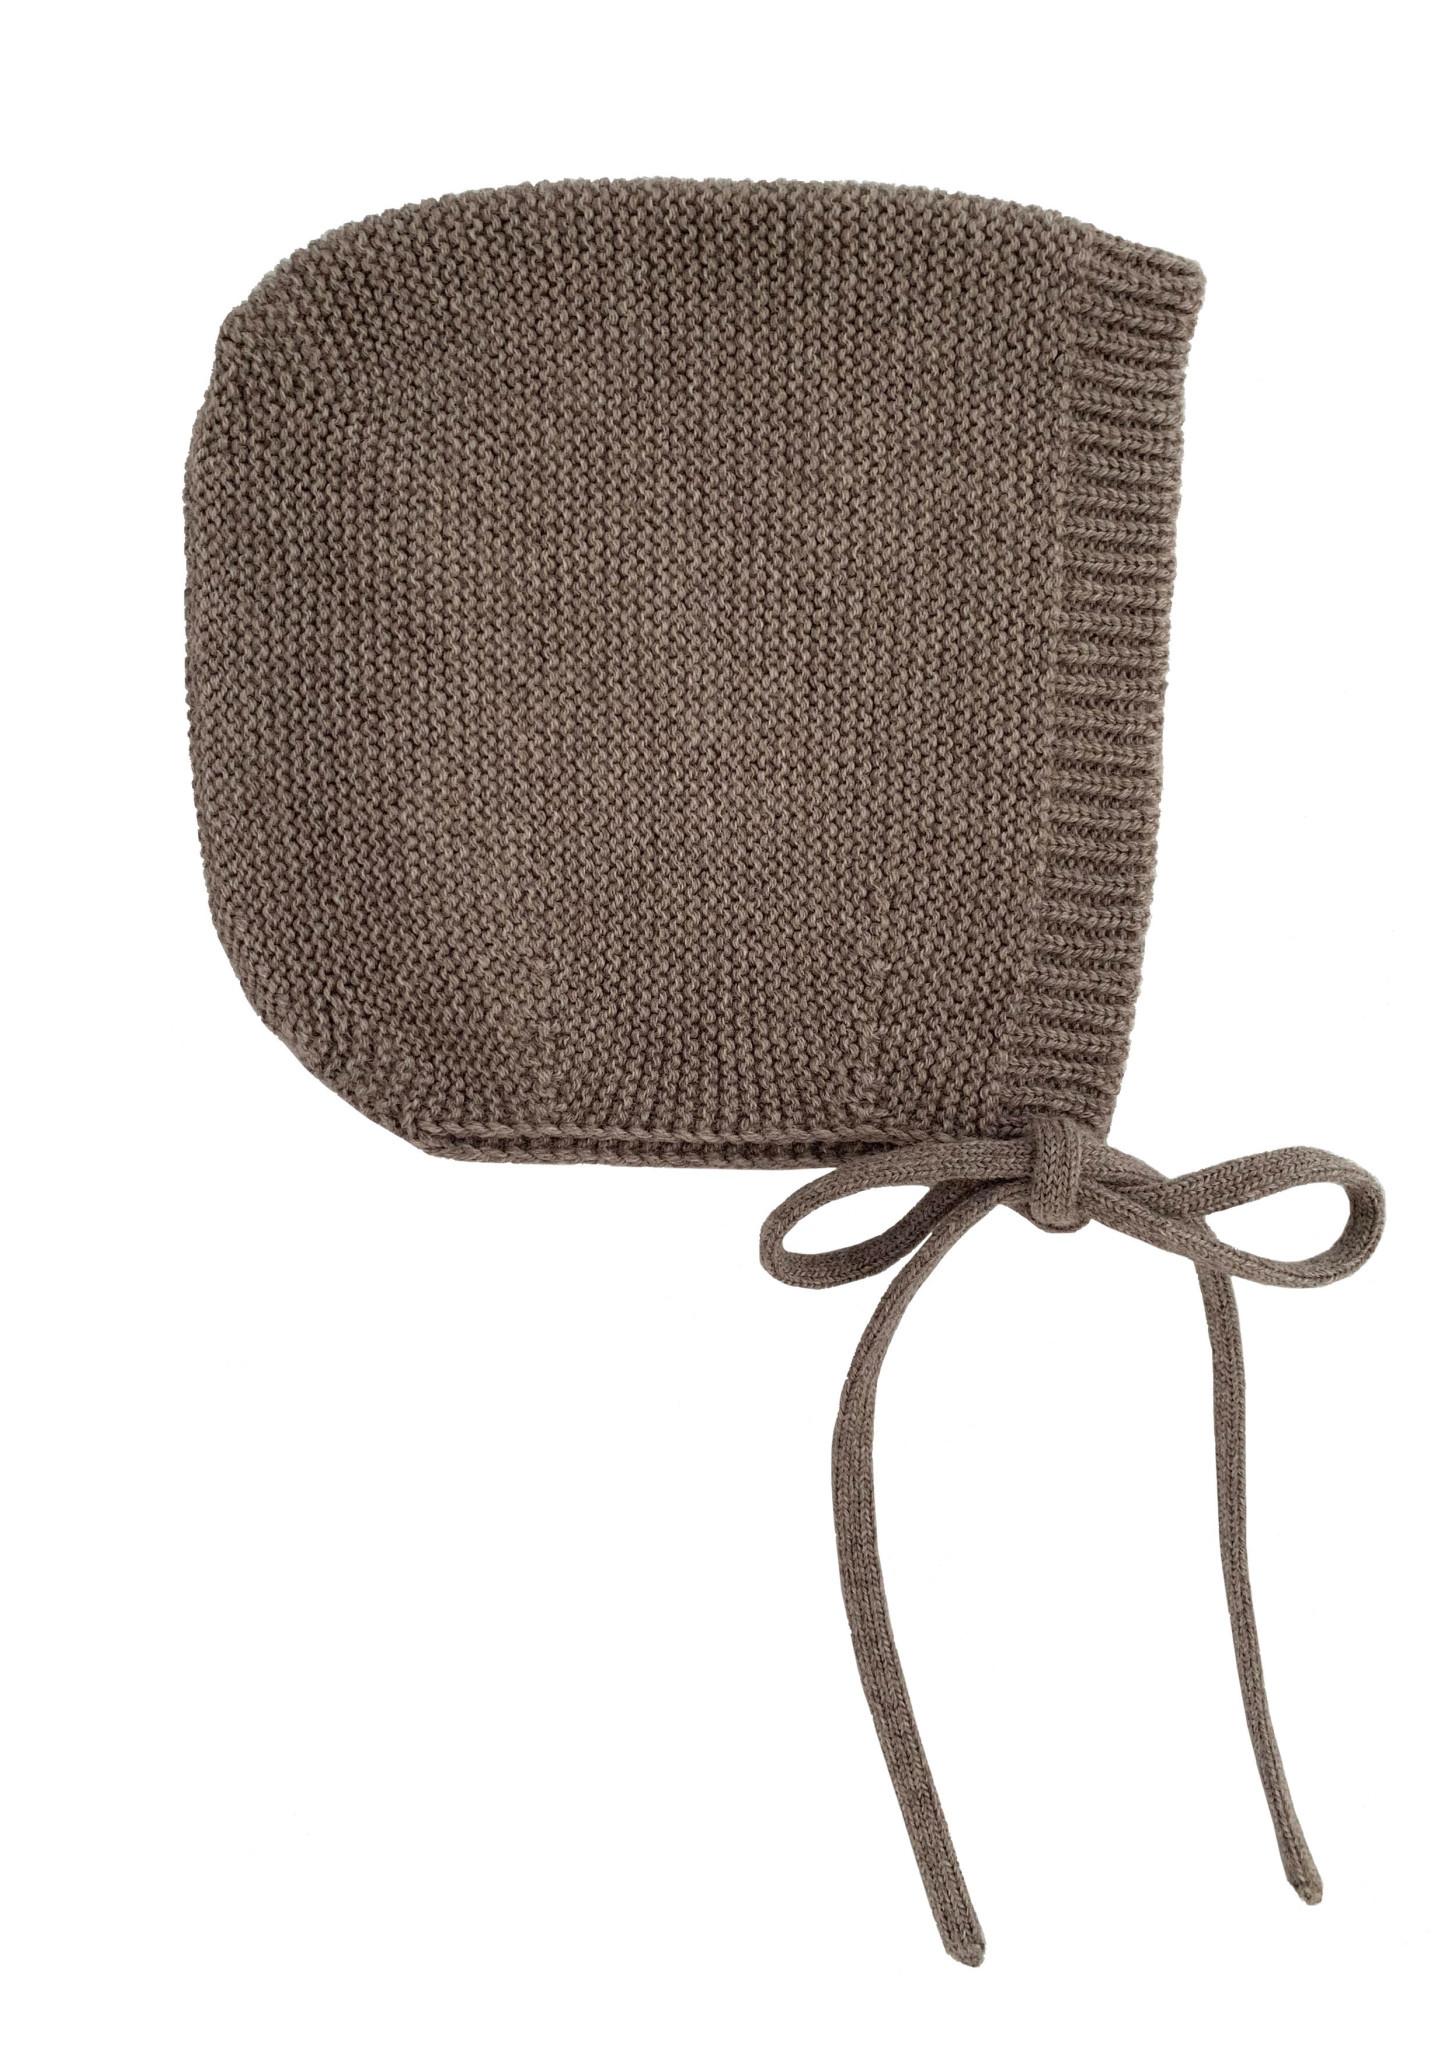 Bonnet dolly otter-1